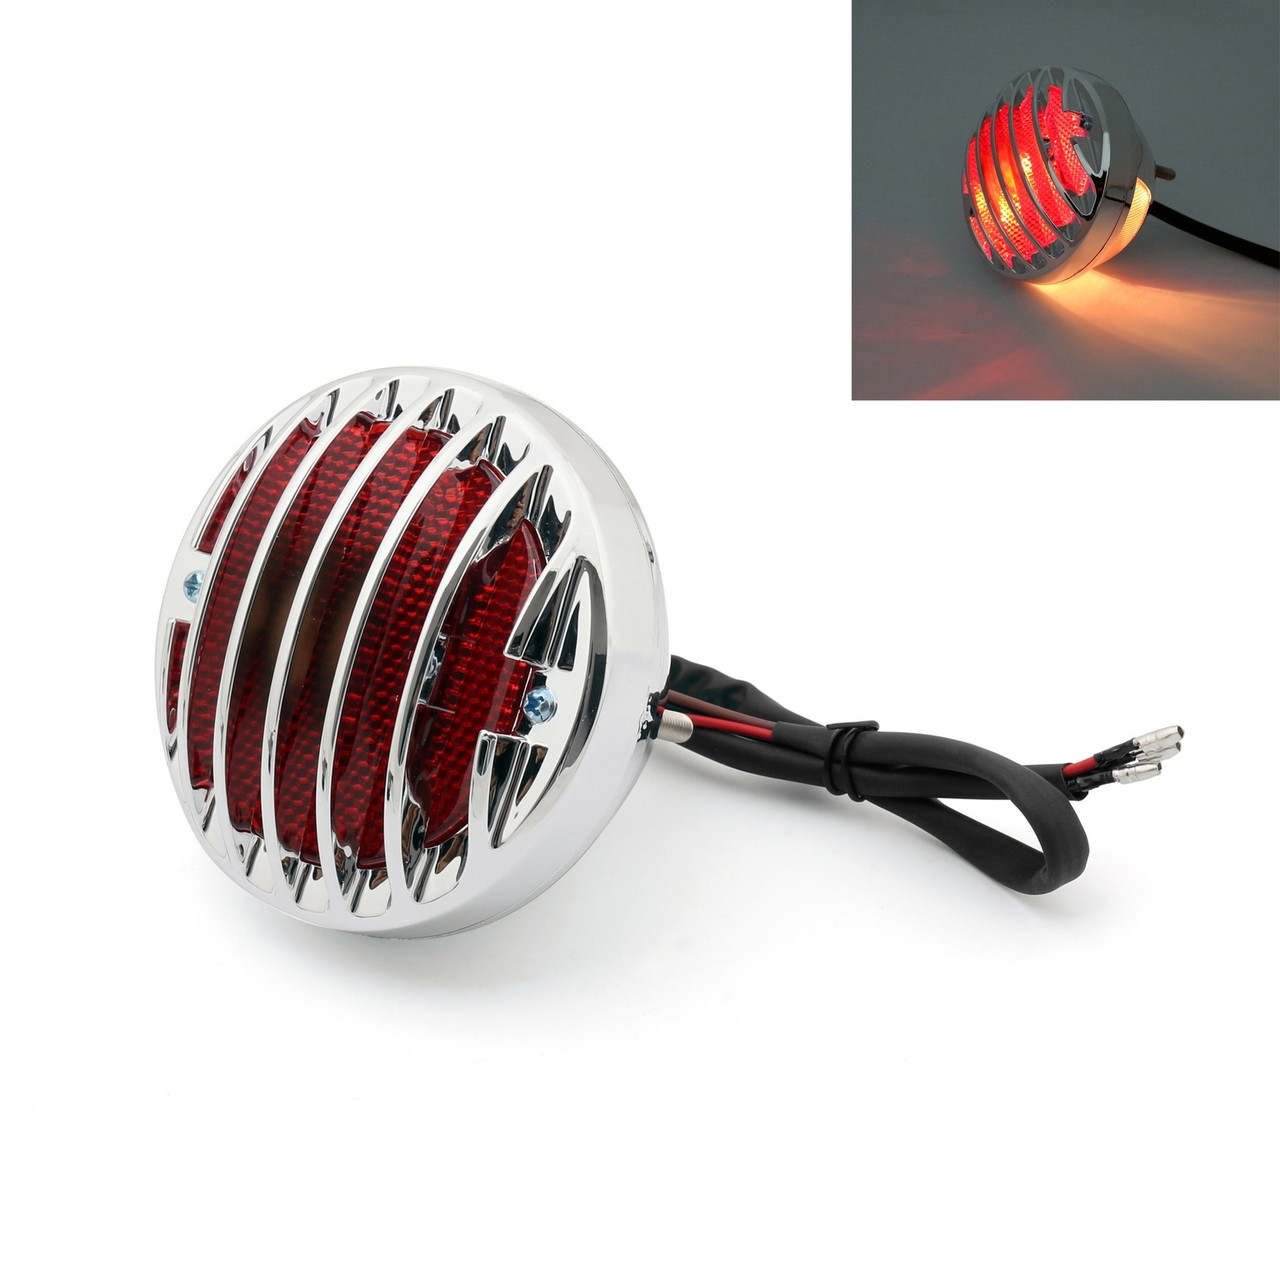 http://www.madhornets.store/AMZ/MotoPart/Taillight/TL-301/TL-301-Chrome-1.jpg